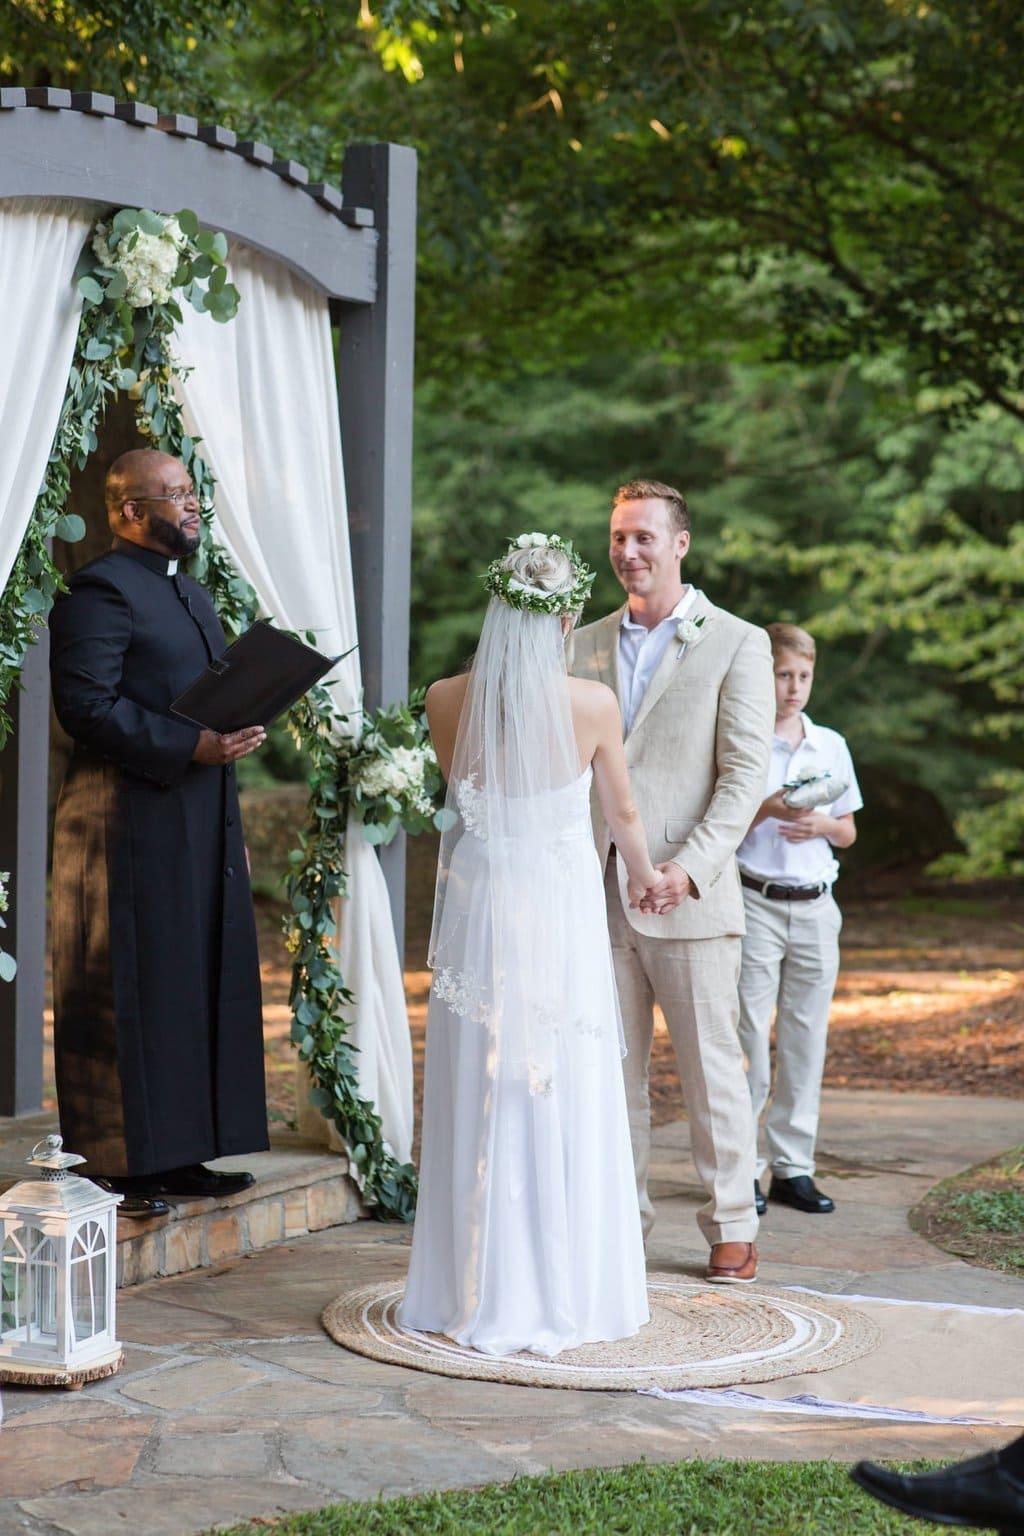 Flower Crown, tan suit, outdoor ceremony